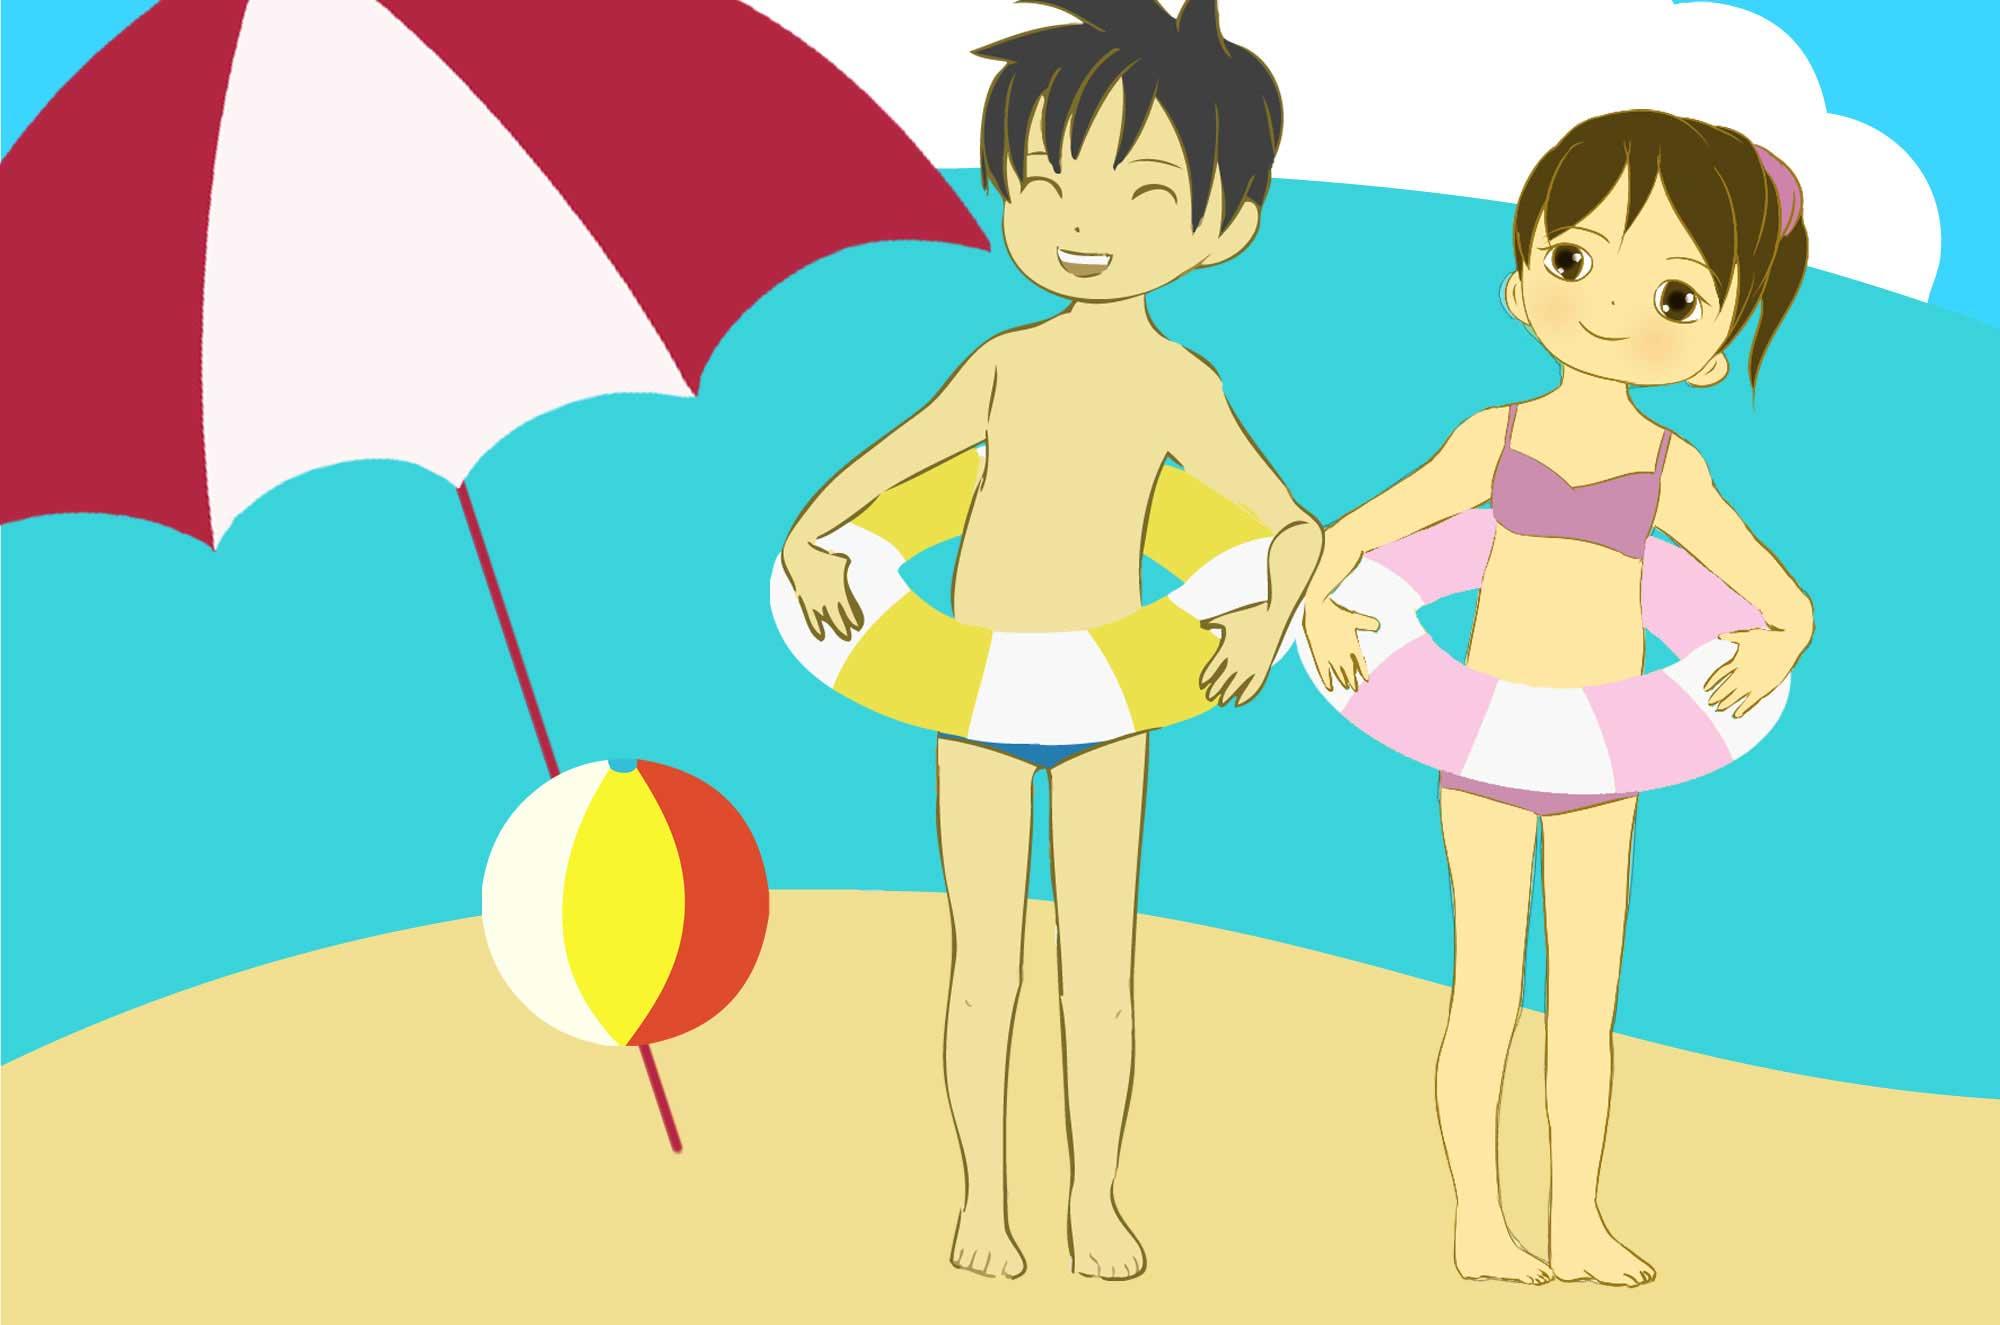 海水浴イラスト - 浮き輪・ビーチボール子供の無料素材